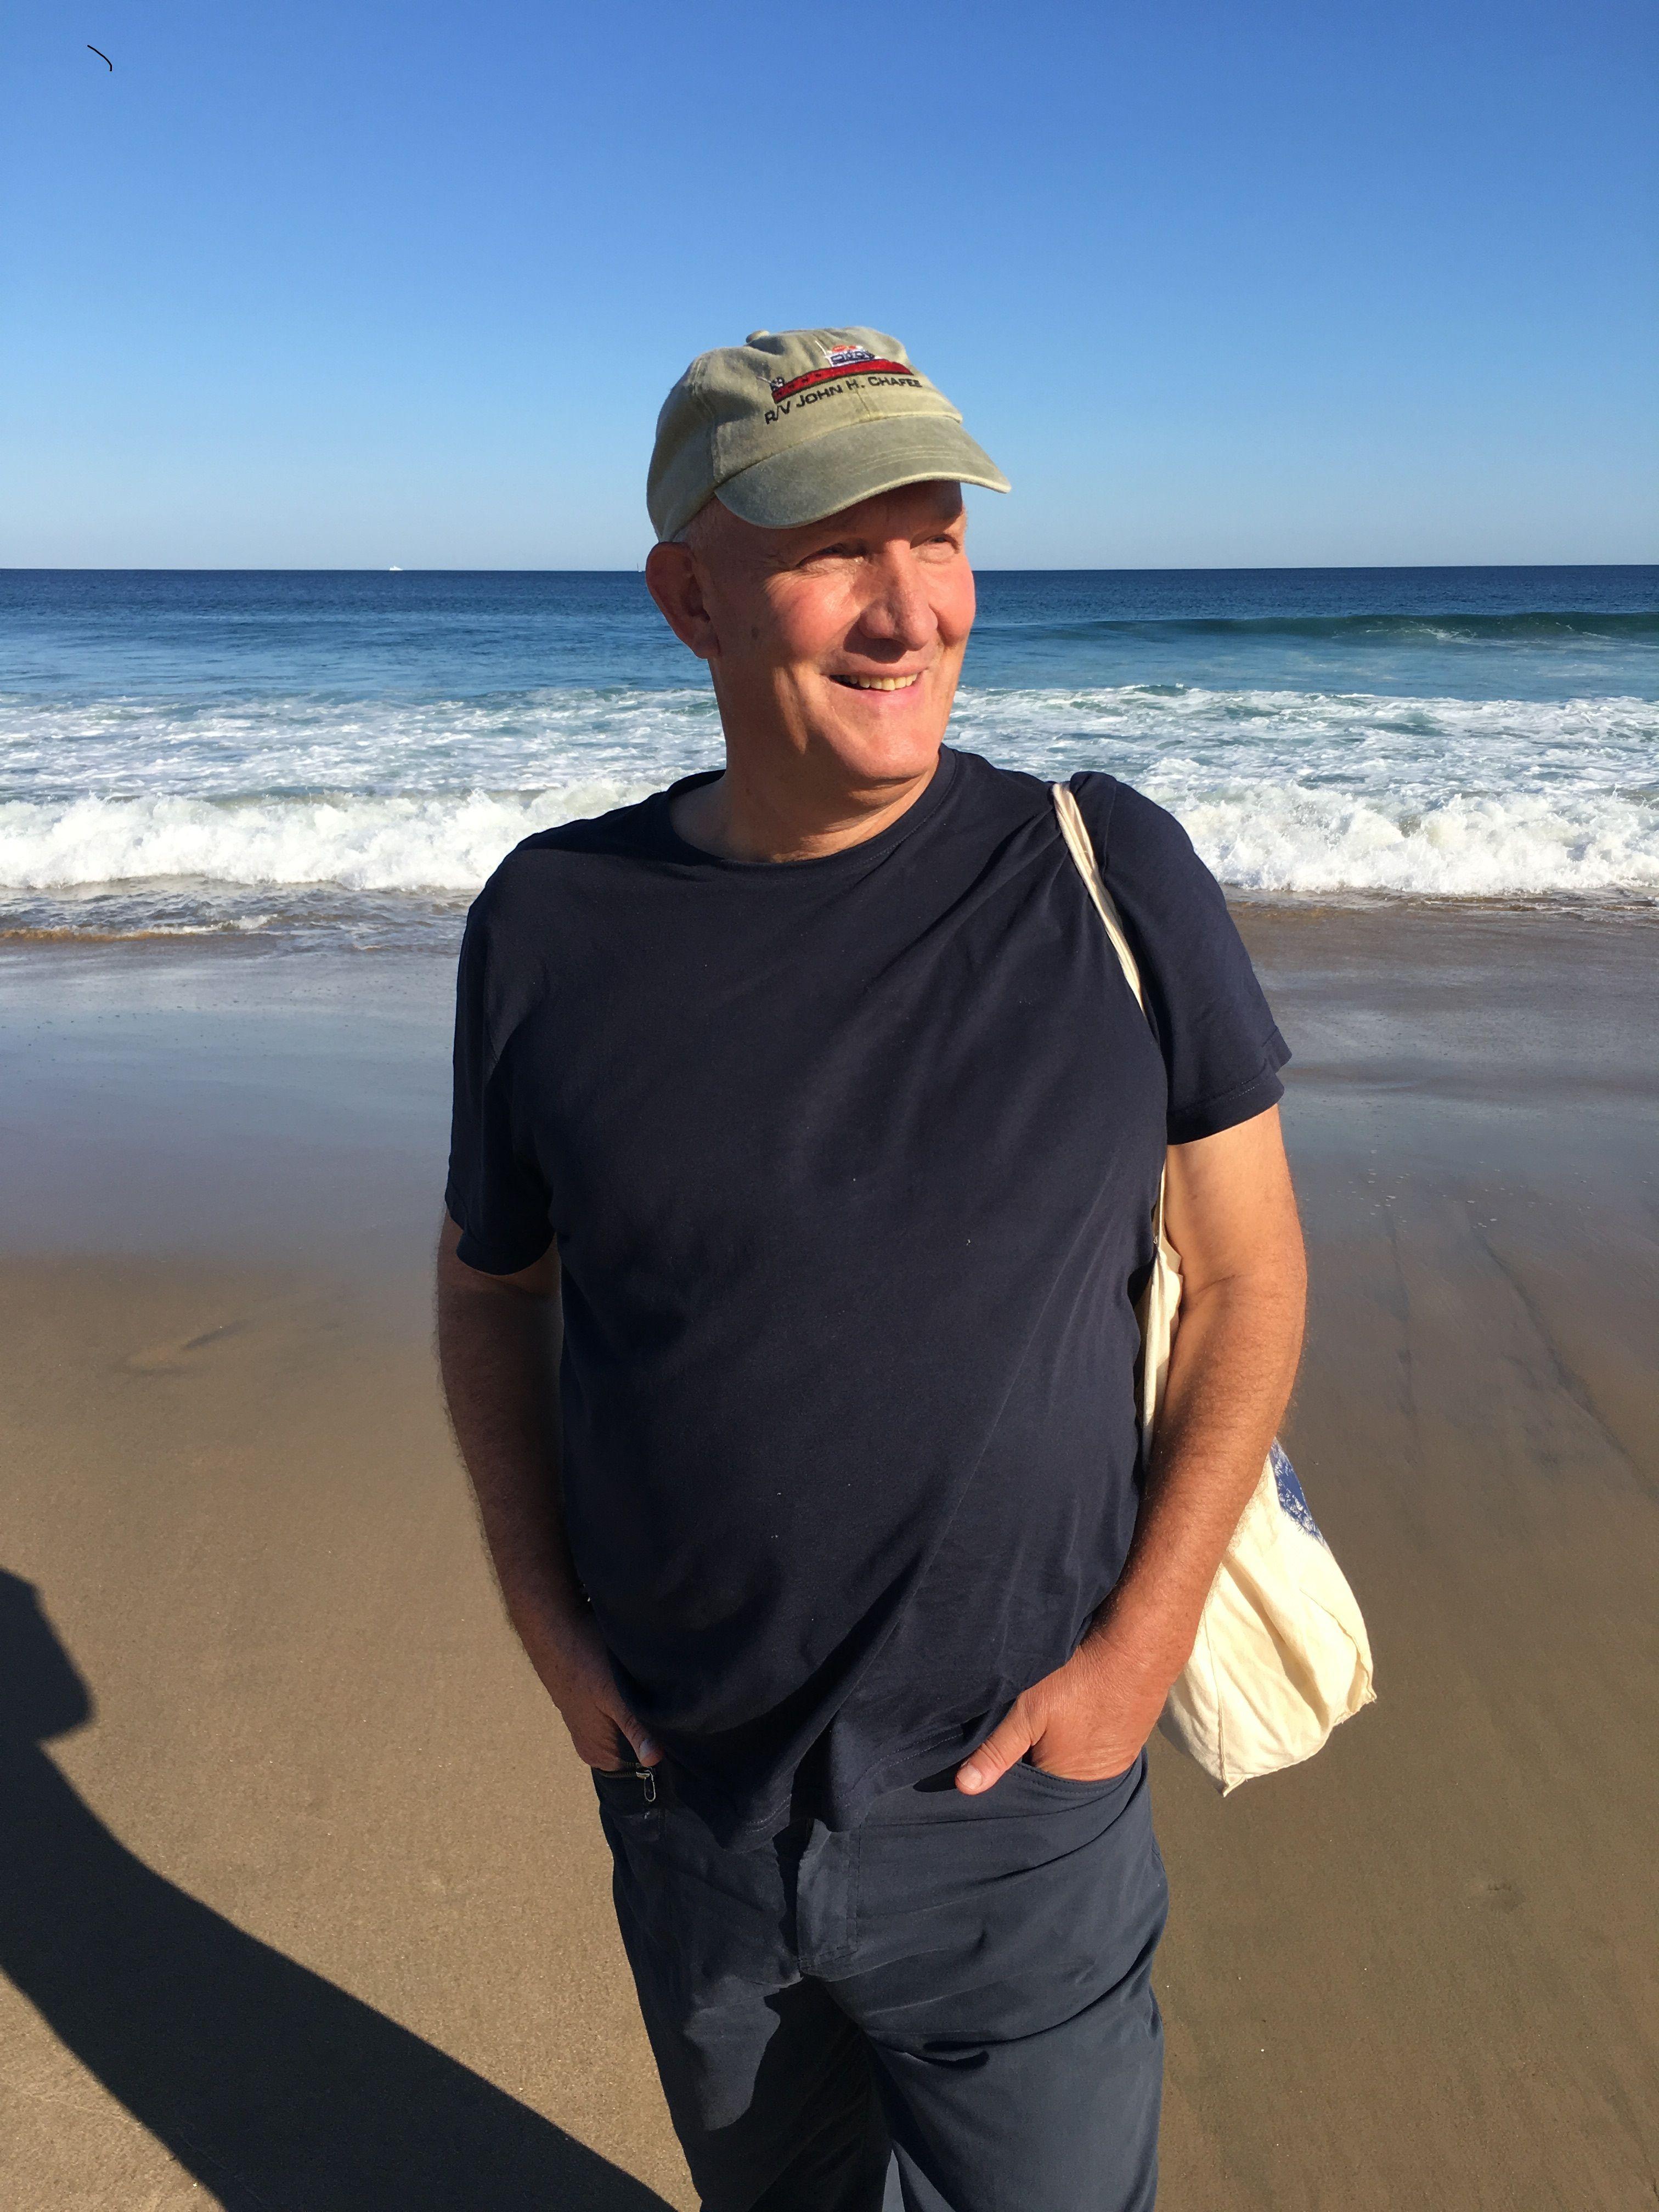 Agee beach photo